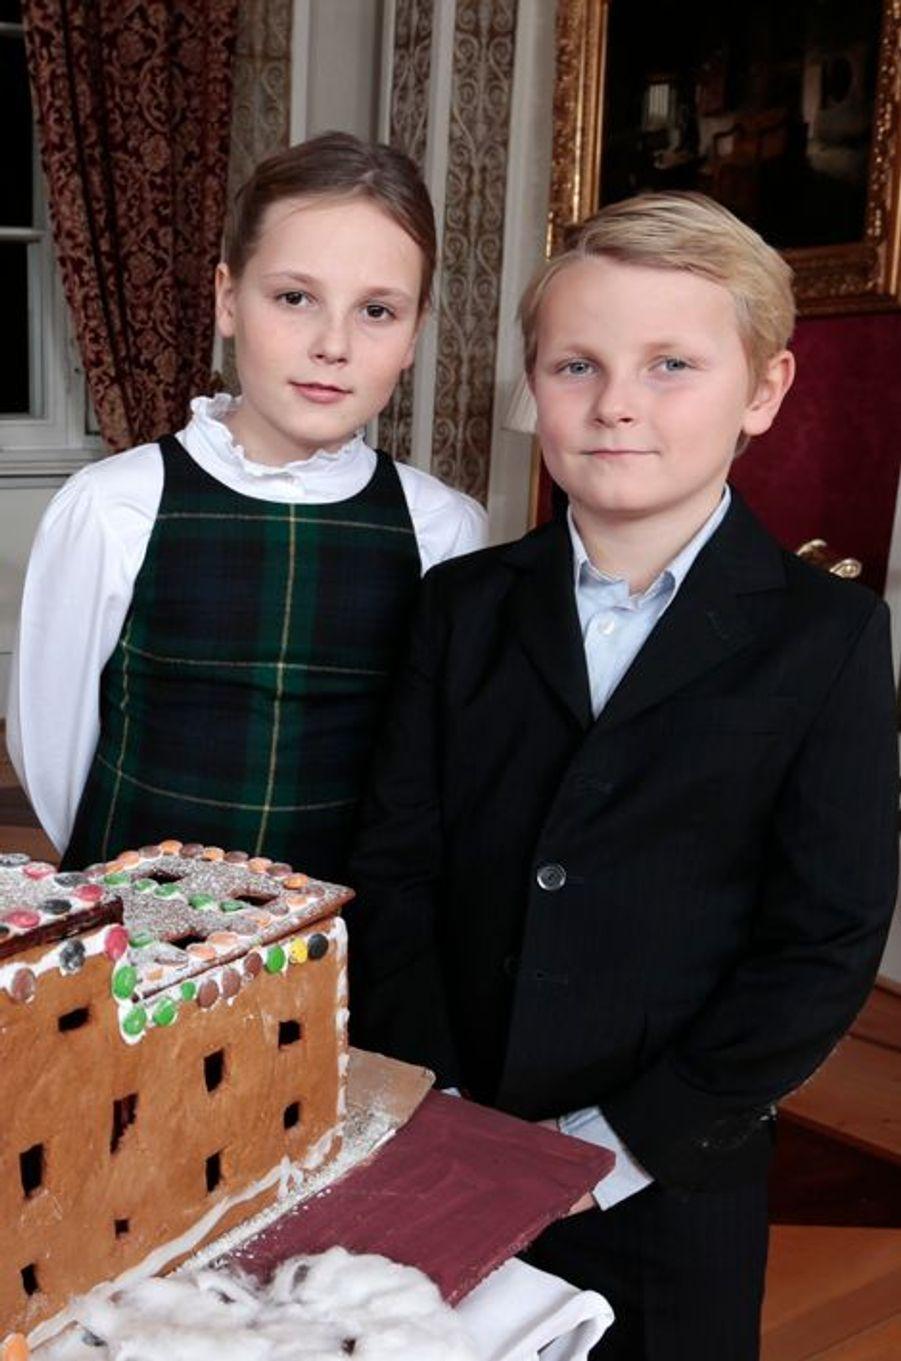 La princesse Ingrid-Alexandra et le prince Sverre-Magnus au Palais royal d'Oslo, le 17 décembre 2014